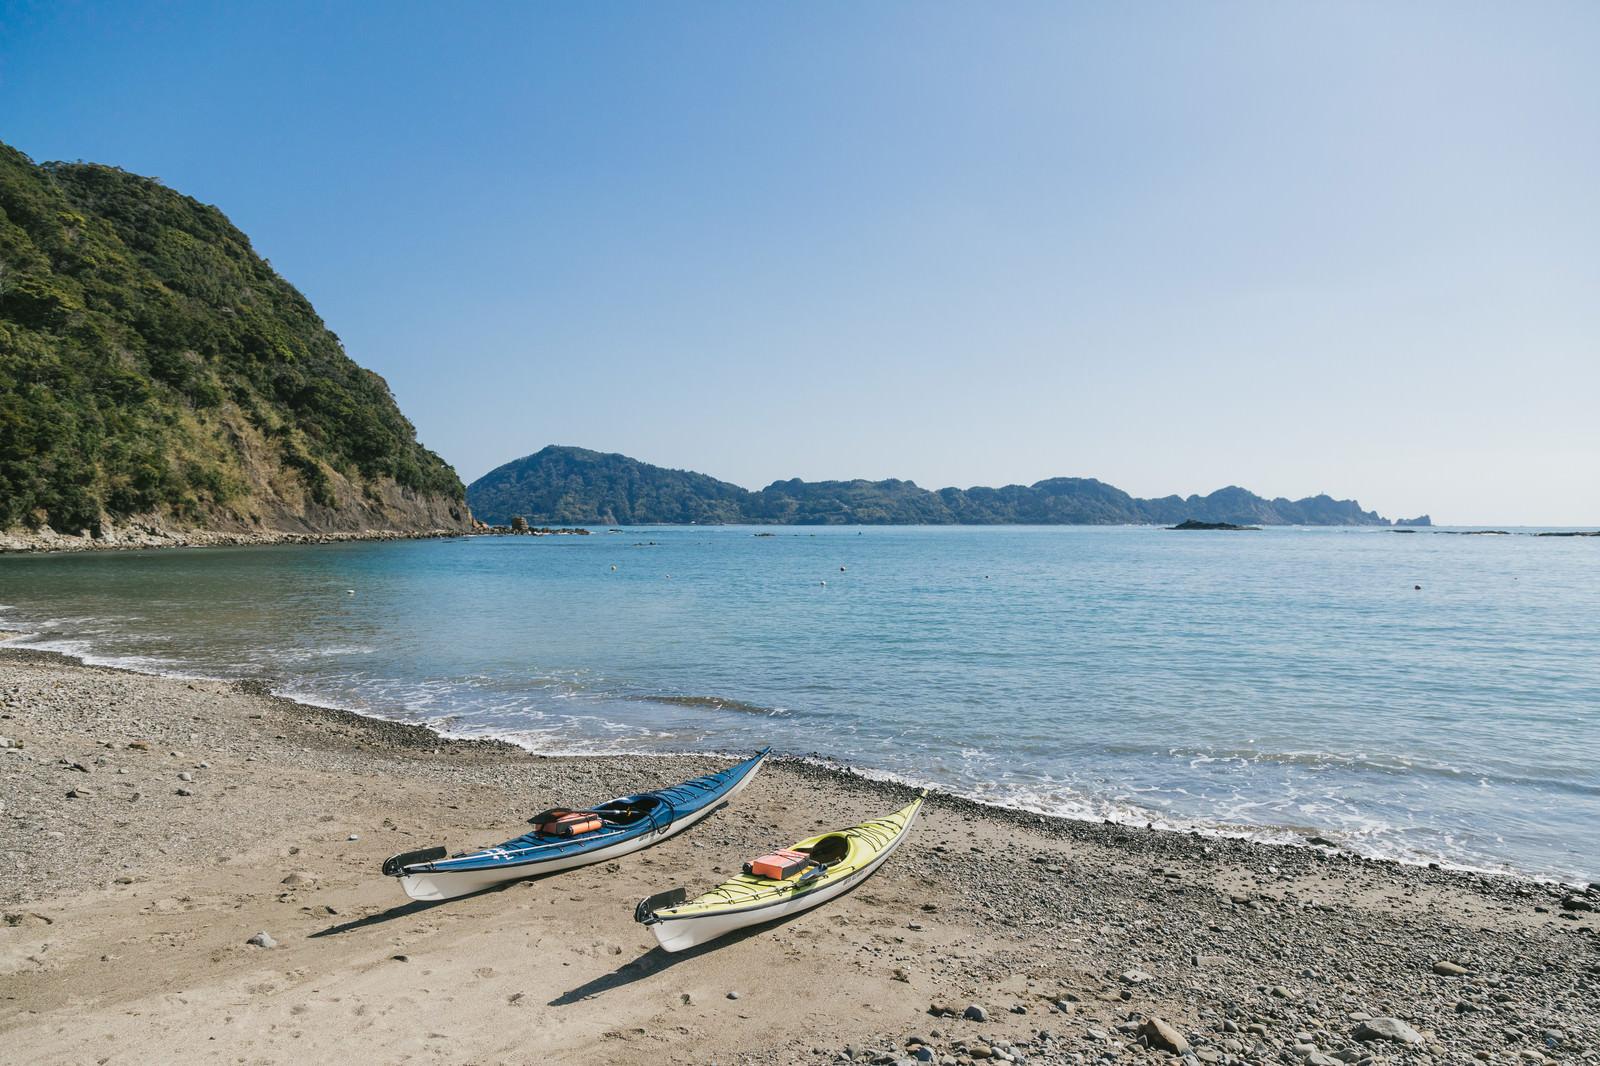 「栄松ビーチでシーカヤックの準備OK | 写真の無料素材・フリー素材 - ぱくたそ」の写真